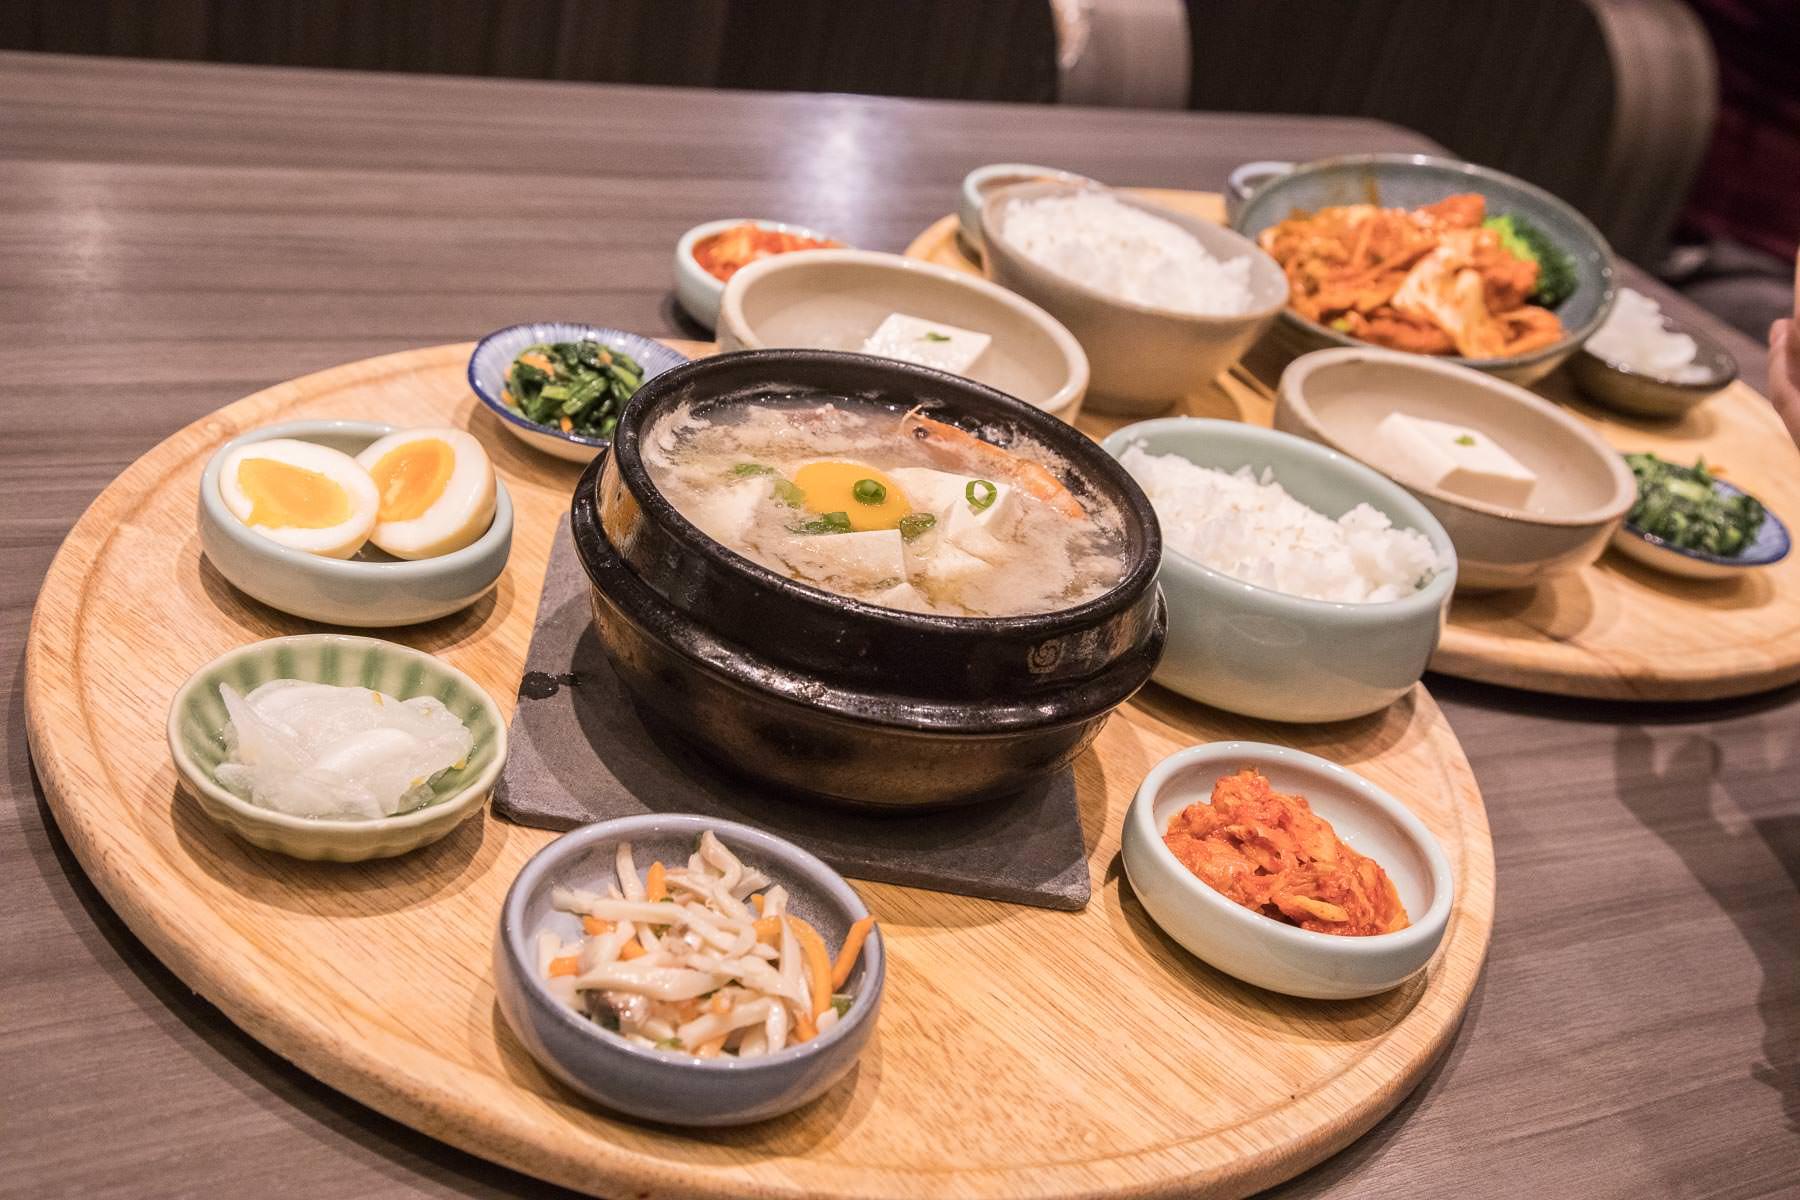 [台北信義]全台第一家精緻韓國定食專門店,五行概念小菜好吃又好拍,霜淇淋還無限吃到飽!韓姜熙的小廚房-微風松高店